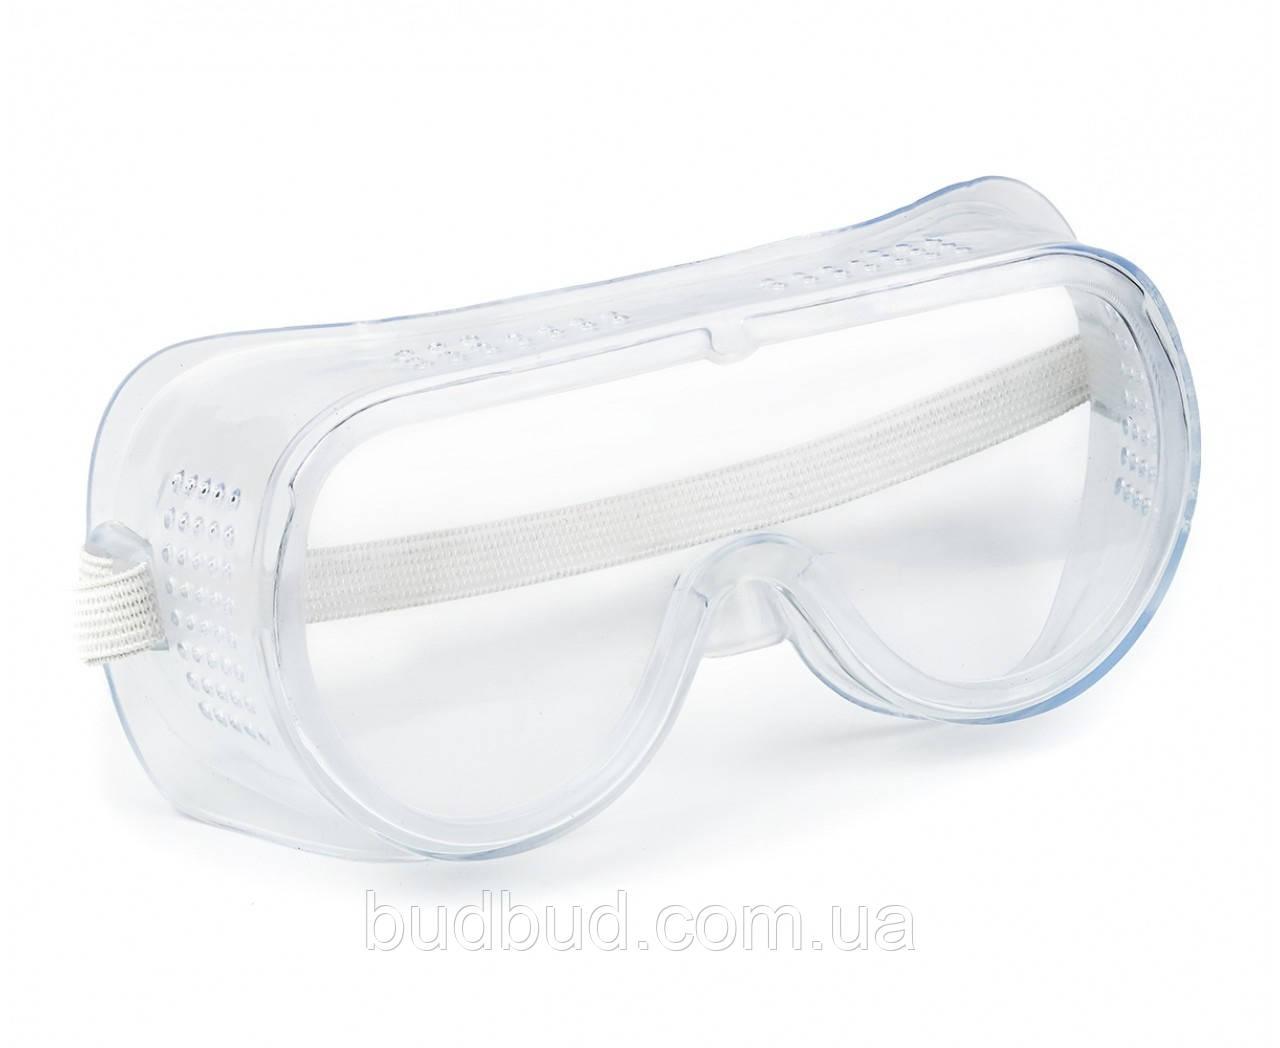 Очки защитные прозрачные (43-001) POLAX